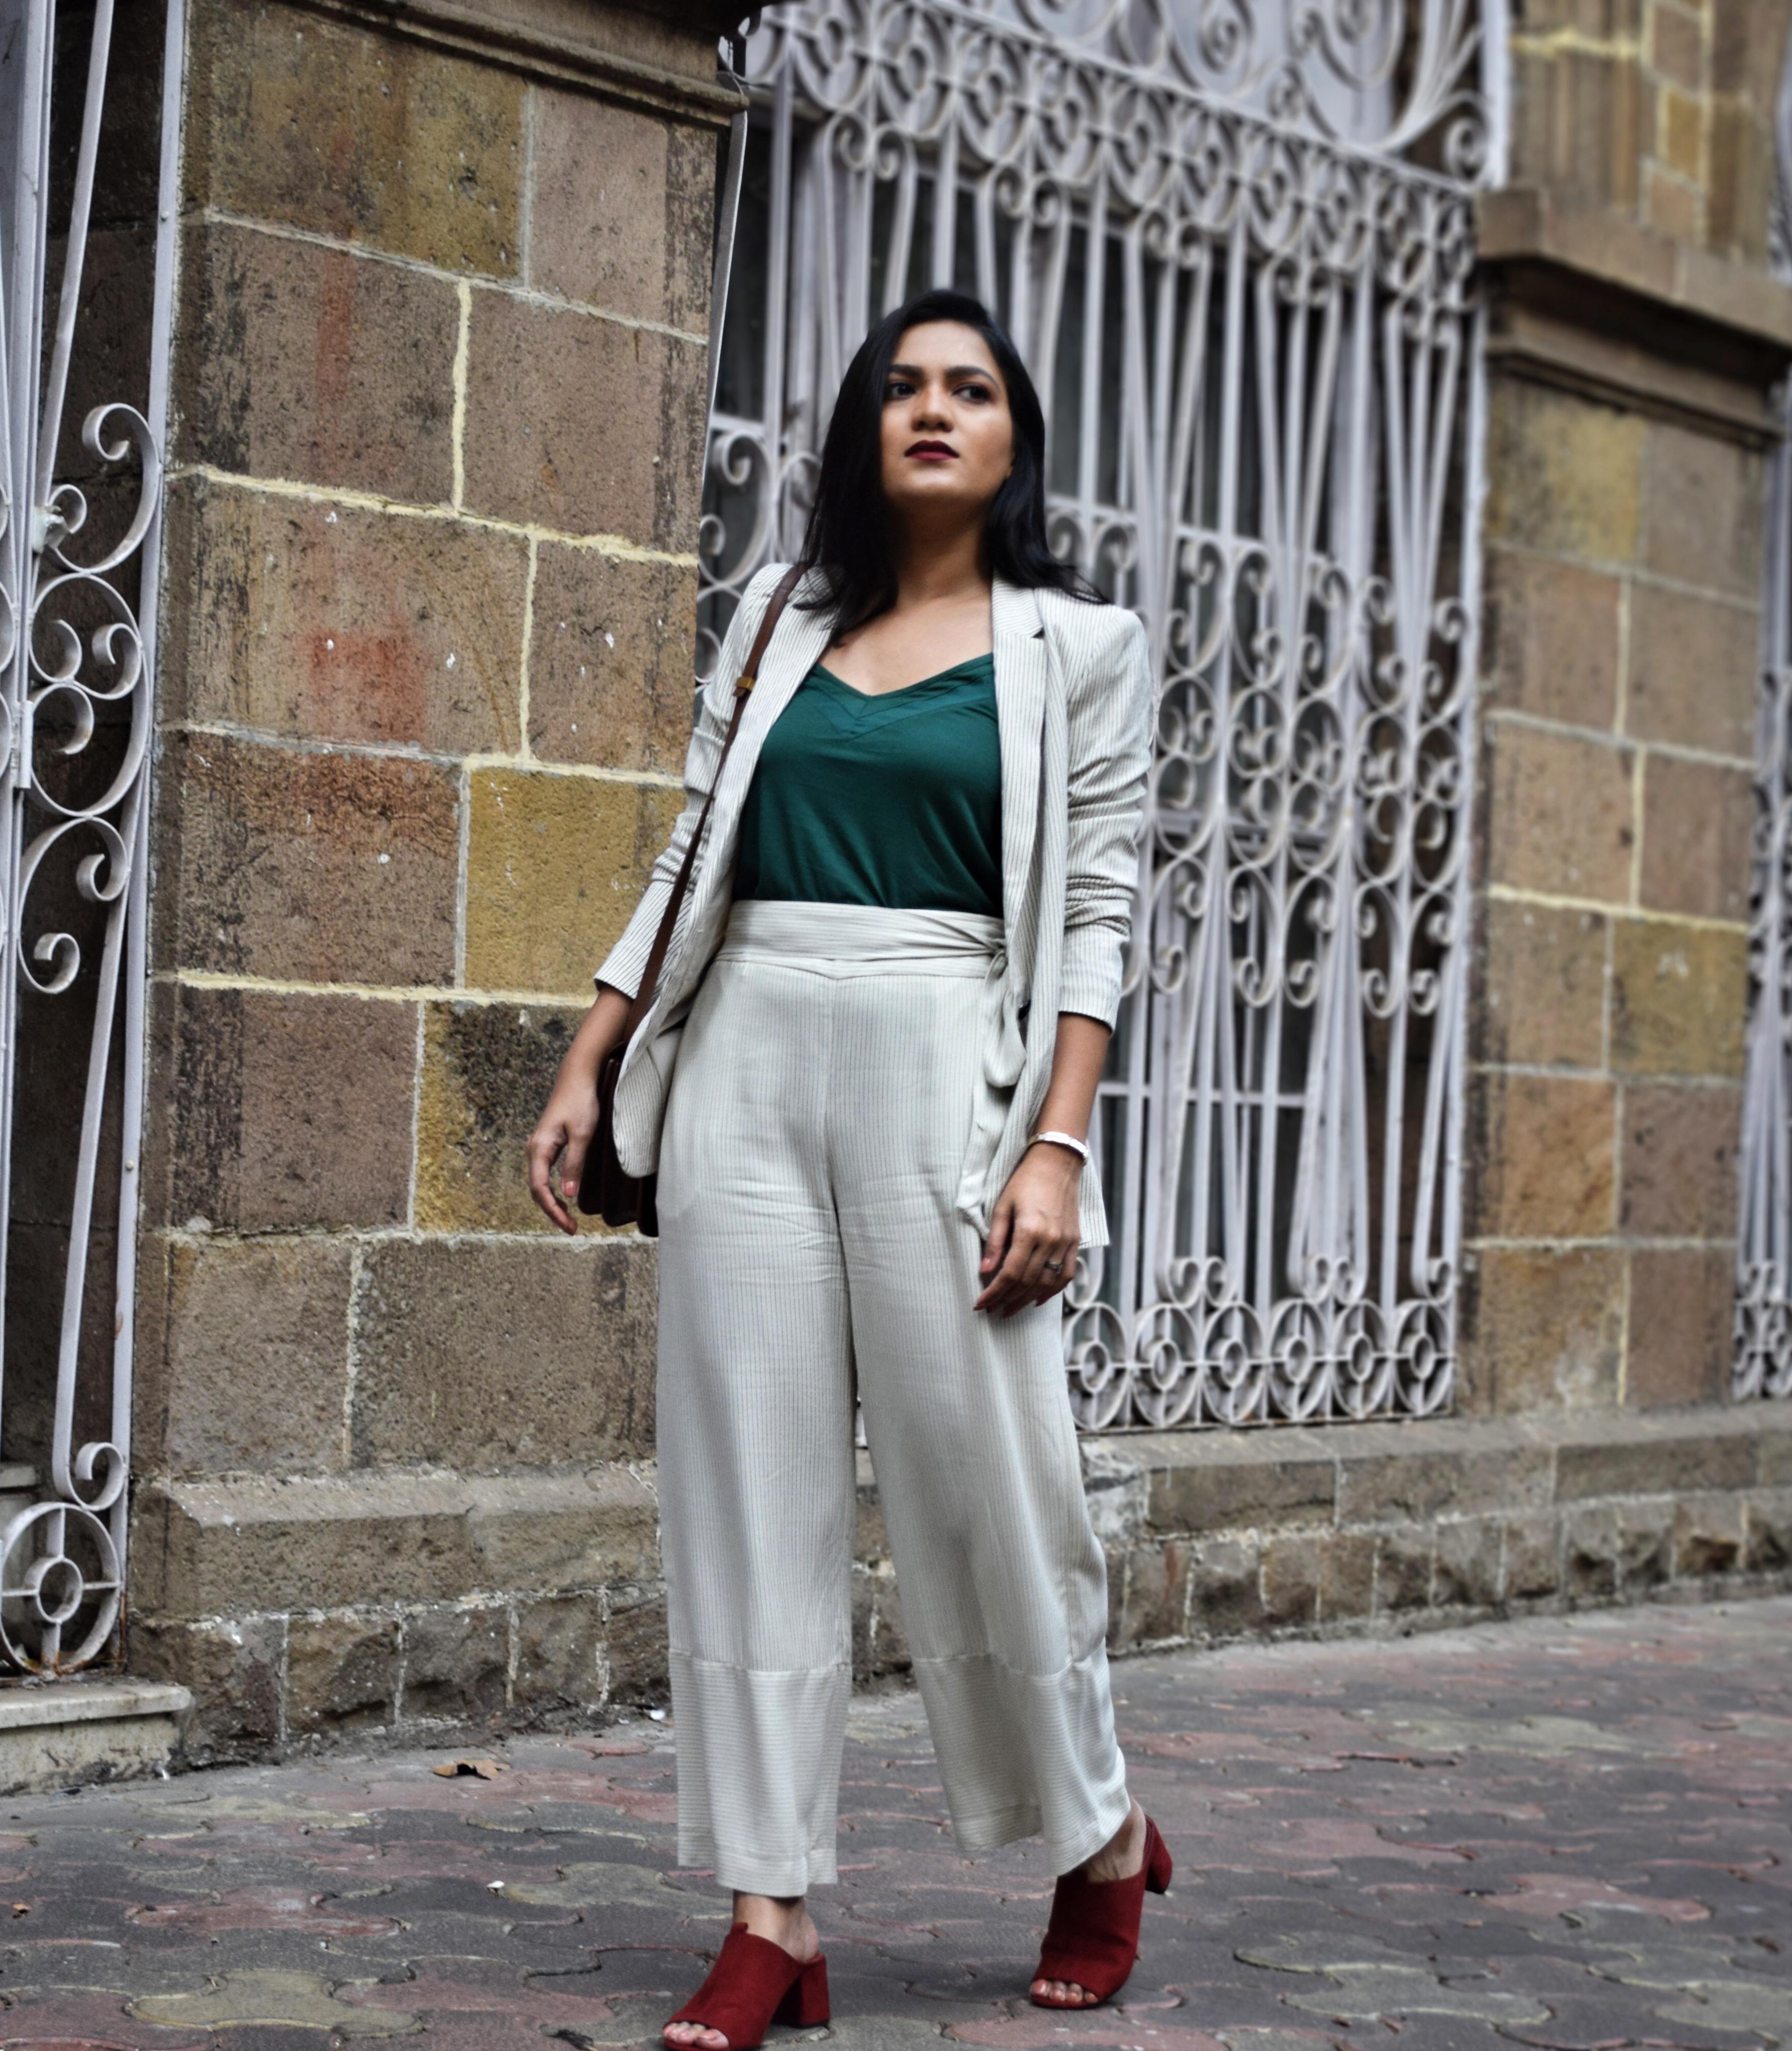 d40170f5adfa Co-ords – H&M | Green Top – H&M | Bag – Céline | Shoes – Zara